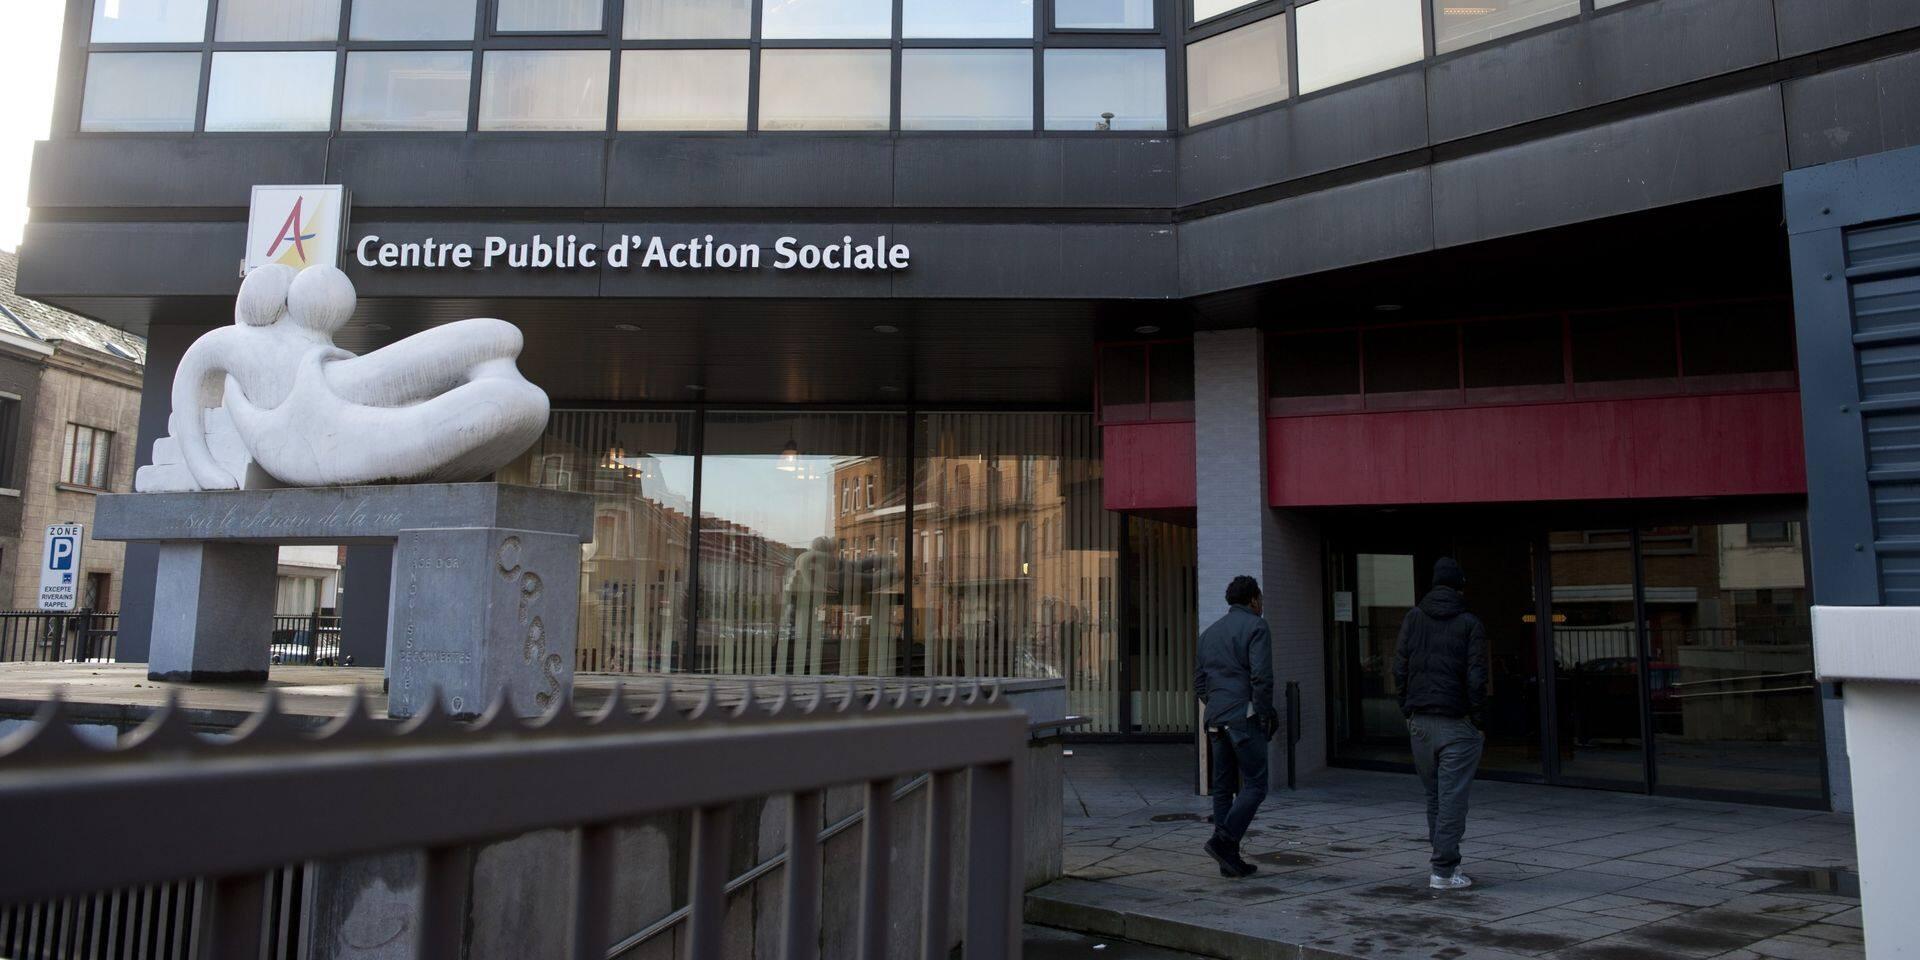 Le CPAS de La Louvière contraint de recourir à une société de gardiennage